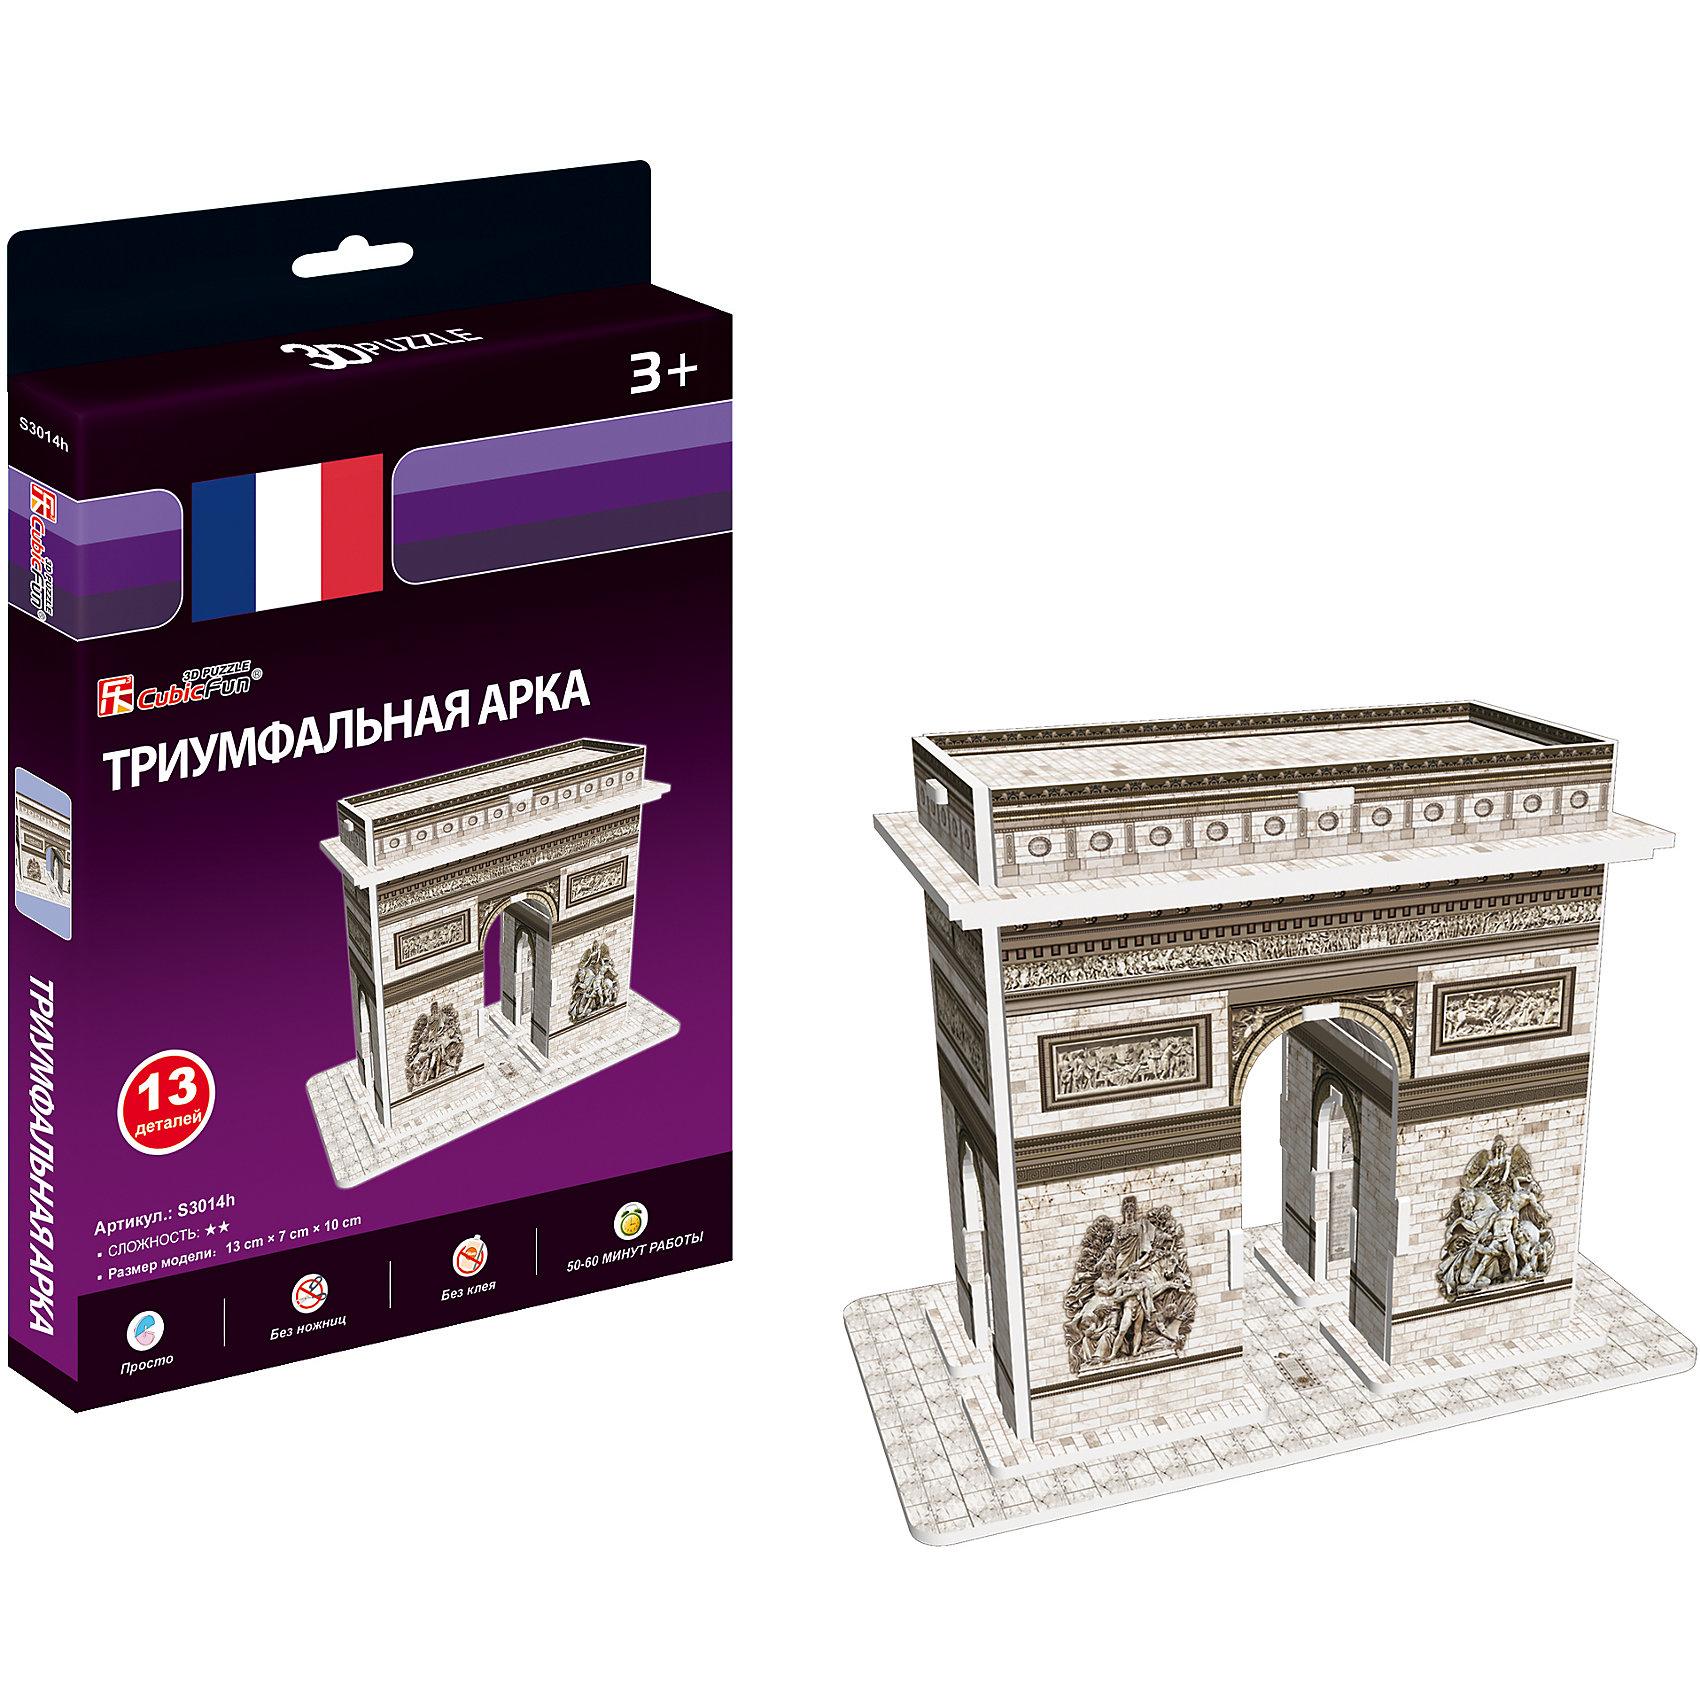 Триумфальная арка, Франция, CubicFunХарактеристики товара:<br><br>- цвет: разноцветный;<br>- материал: ламинированный пенокартон;<br>- комплектация: 13 деталей;<br>- особенности: легко собирается без инструментов;<br>- размер: 17х13х10 см;<br>- размер упаковки: 2х25х16 см;<br>- вес: 130 г.<br><br>Такое увлекательное занятие, как сборка 3D-пазла не оставит ребенка равнодушным! После сборки он получит фигурку одного из знаменитейший зданий в мире! Игрушка отлично детализирована, детали очень качественно выполнены, поэтому она станет отличным подарком ребенку. Для её сборки не нужен клей - достаточно прикрепить детали друг к другу! Такой комплект помогает развить логику, творческие способности ребенка, мышление, внимание, воображение и мелкую моторику.<br>Изделие произведено из высококачественного материала, безопасного для детей.<br><br>3D-пазл Триумфальная арка, Франция от бренда CubicFun можно купить в нашем интернет-магазине.<br><br>Ширина мм: 20<br>Глубина мм: 250<br>Высота мм: 160<br>Вес г: 129<br>Возраст от месяцев: 36<br>Возраст до месяцев: 2147483647<br>Пол: Унисекс<br>Возраст: Детский<br>SKU: 5039900